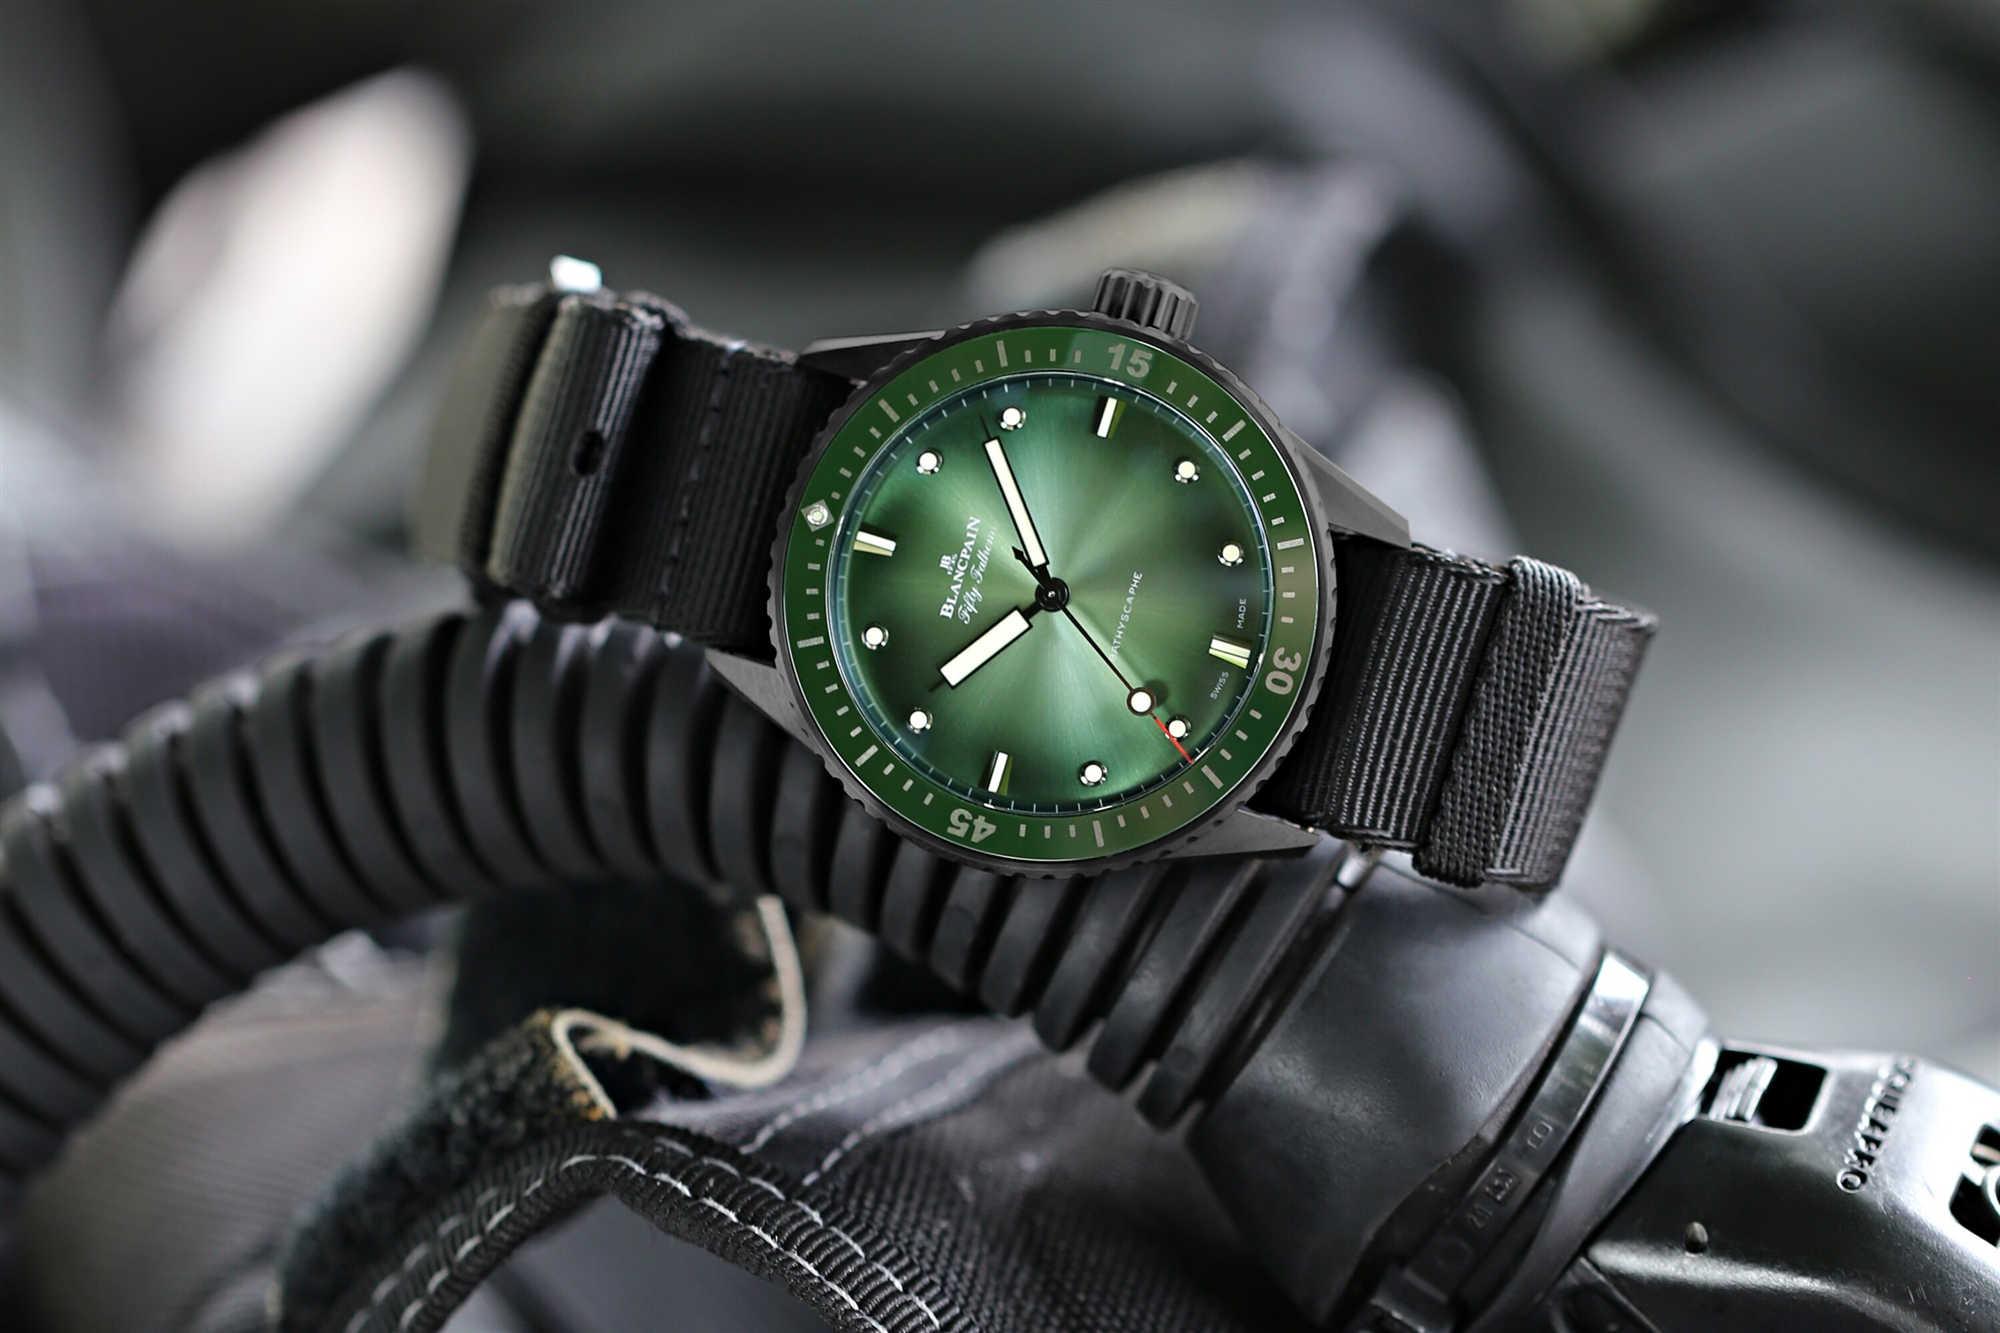 绿色深海极光,2020闪耀问世 | 宝珀Blancpain五十噚首枚绿色深潜器限量腕表